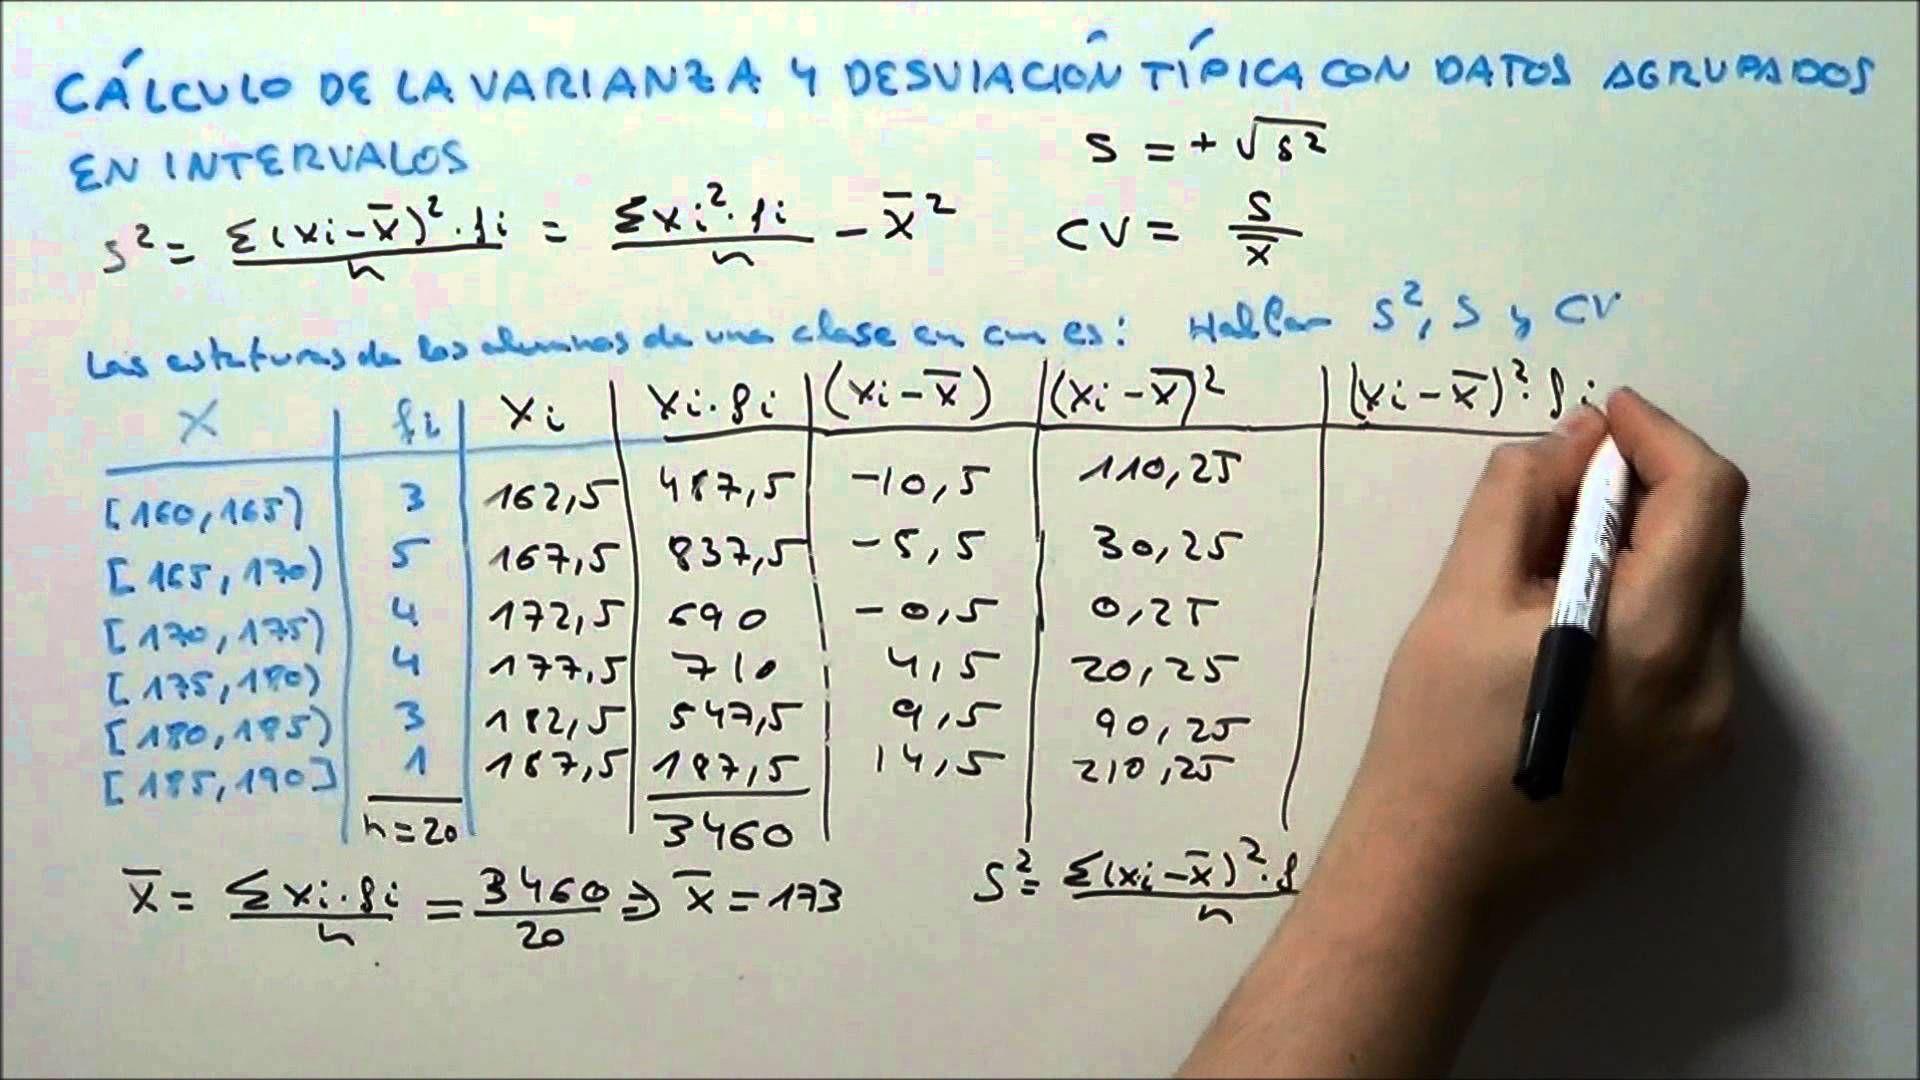 En Este Video Vamos A Calcular La Varianza Y La Desviacion Tipica